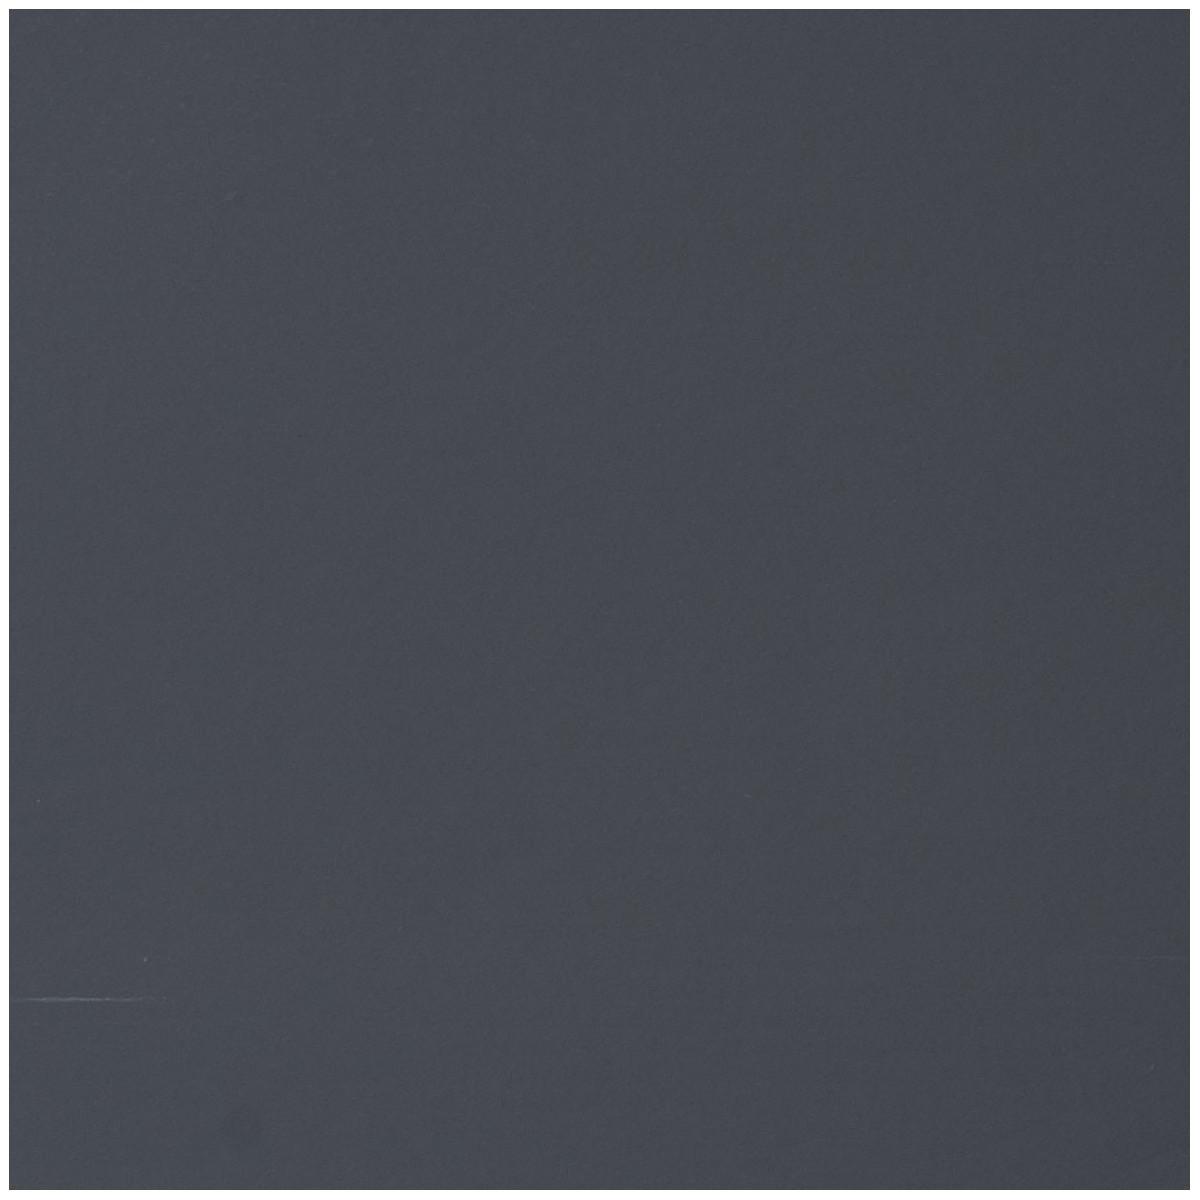 Carta Sealing Bianco ECOWHITE Gr.60 Fogli Cm.70x100 Colori Tinta Unita (al Kg.) Grigio Fumo